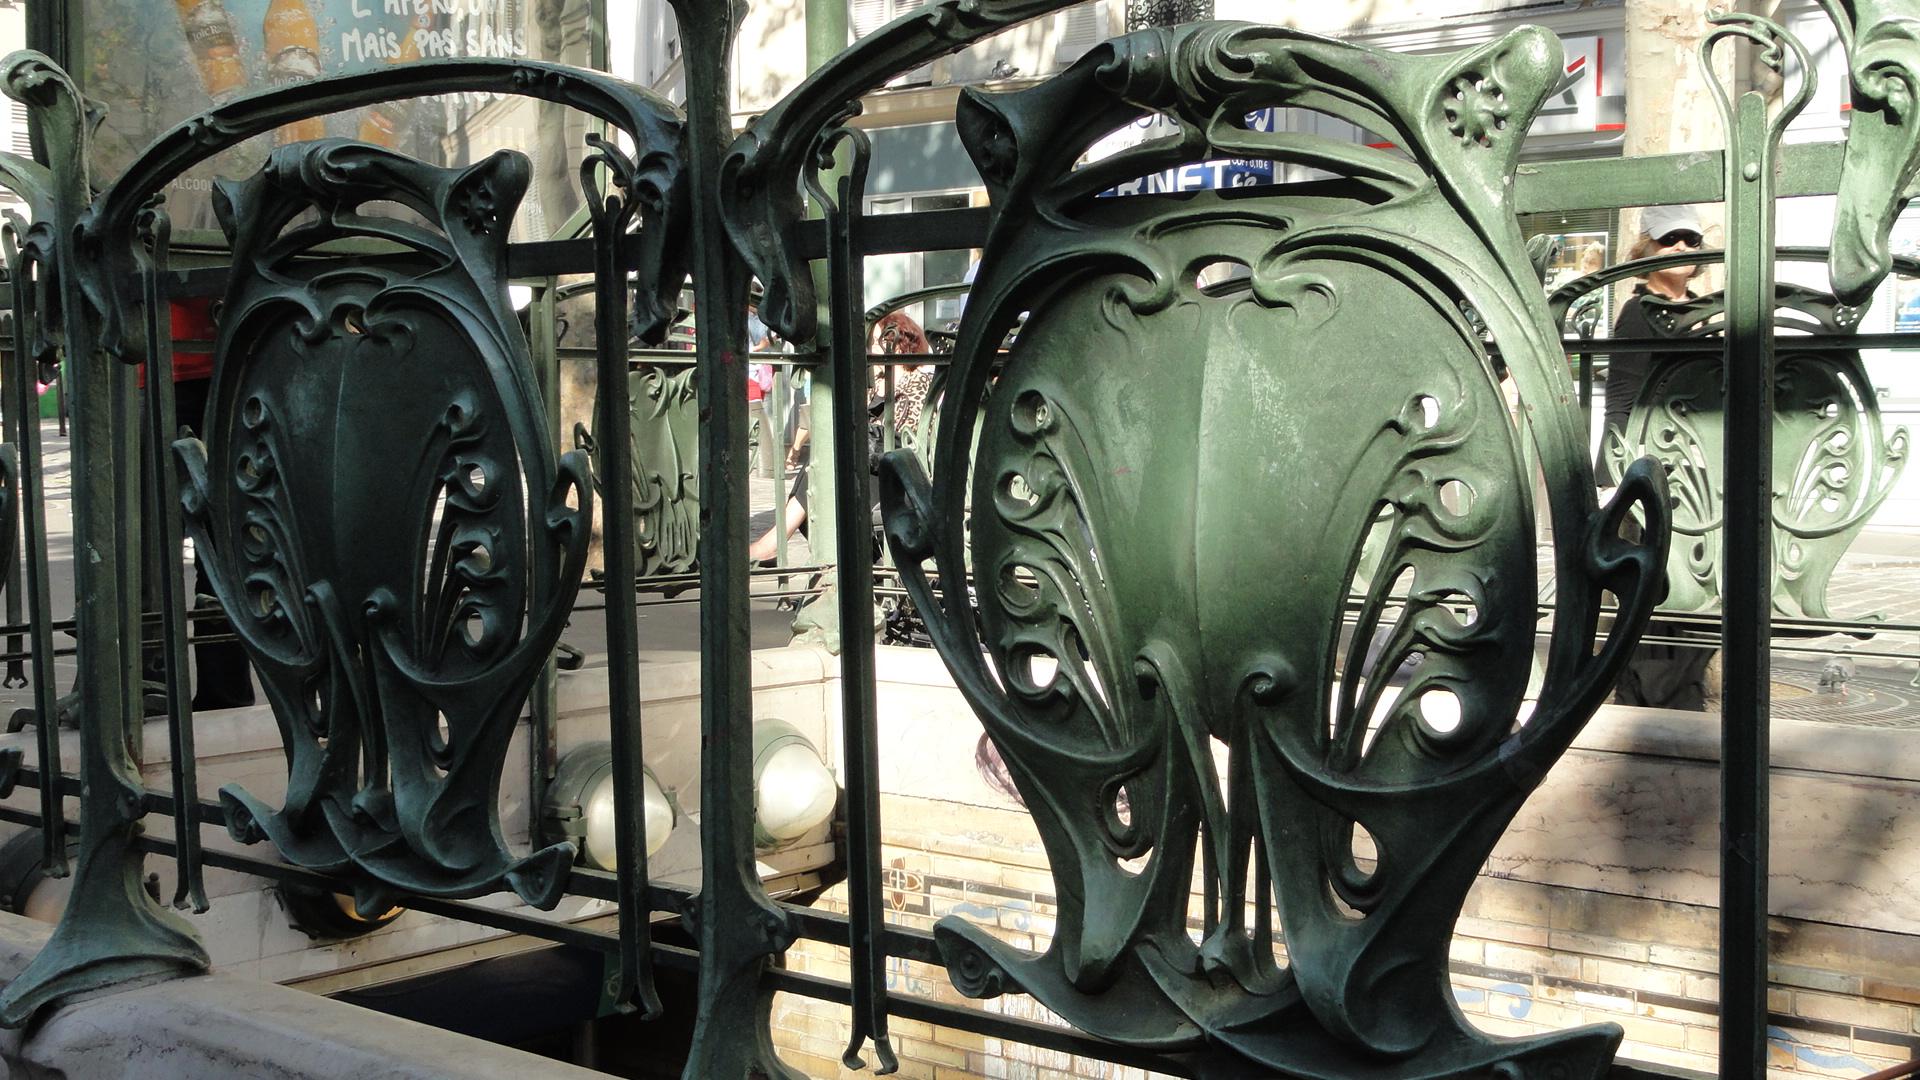 Promenade dans Montmartre et les Abbesses - Métro Abbesses